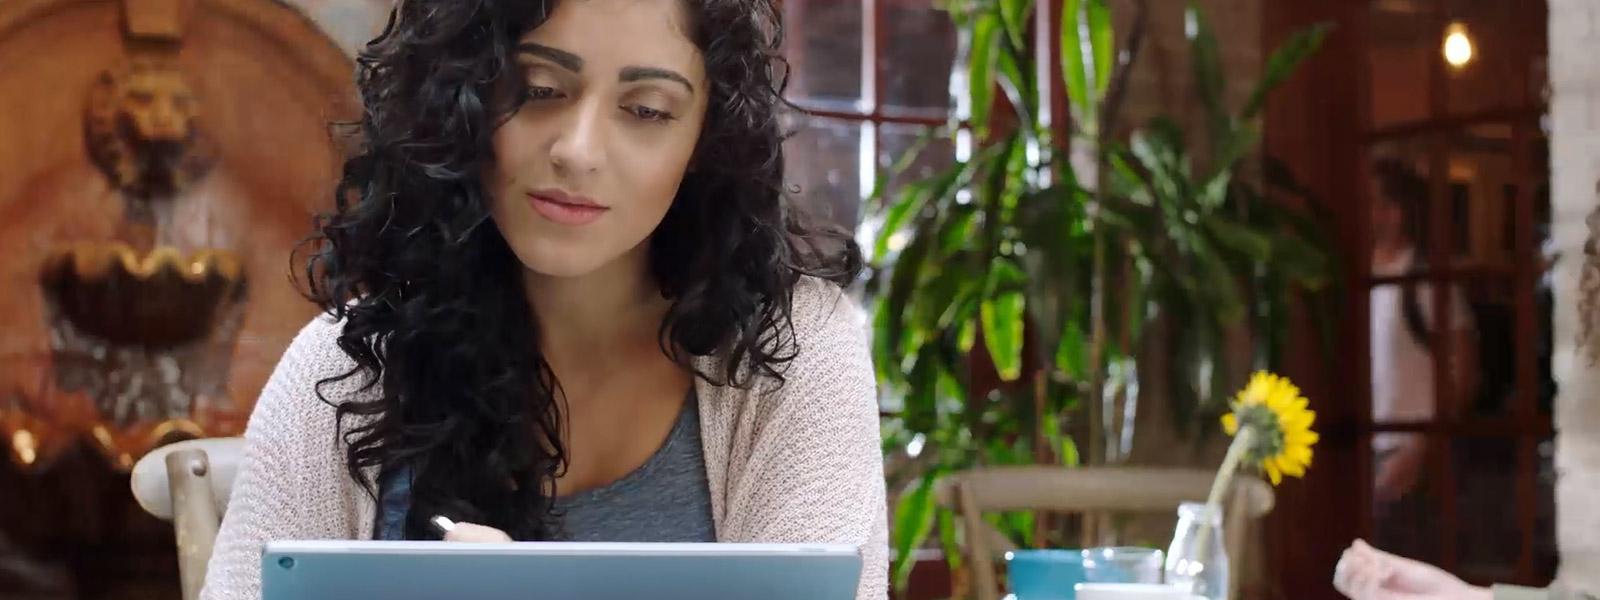 Windows Ink schrijven in Windows 10